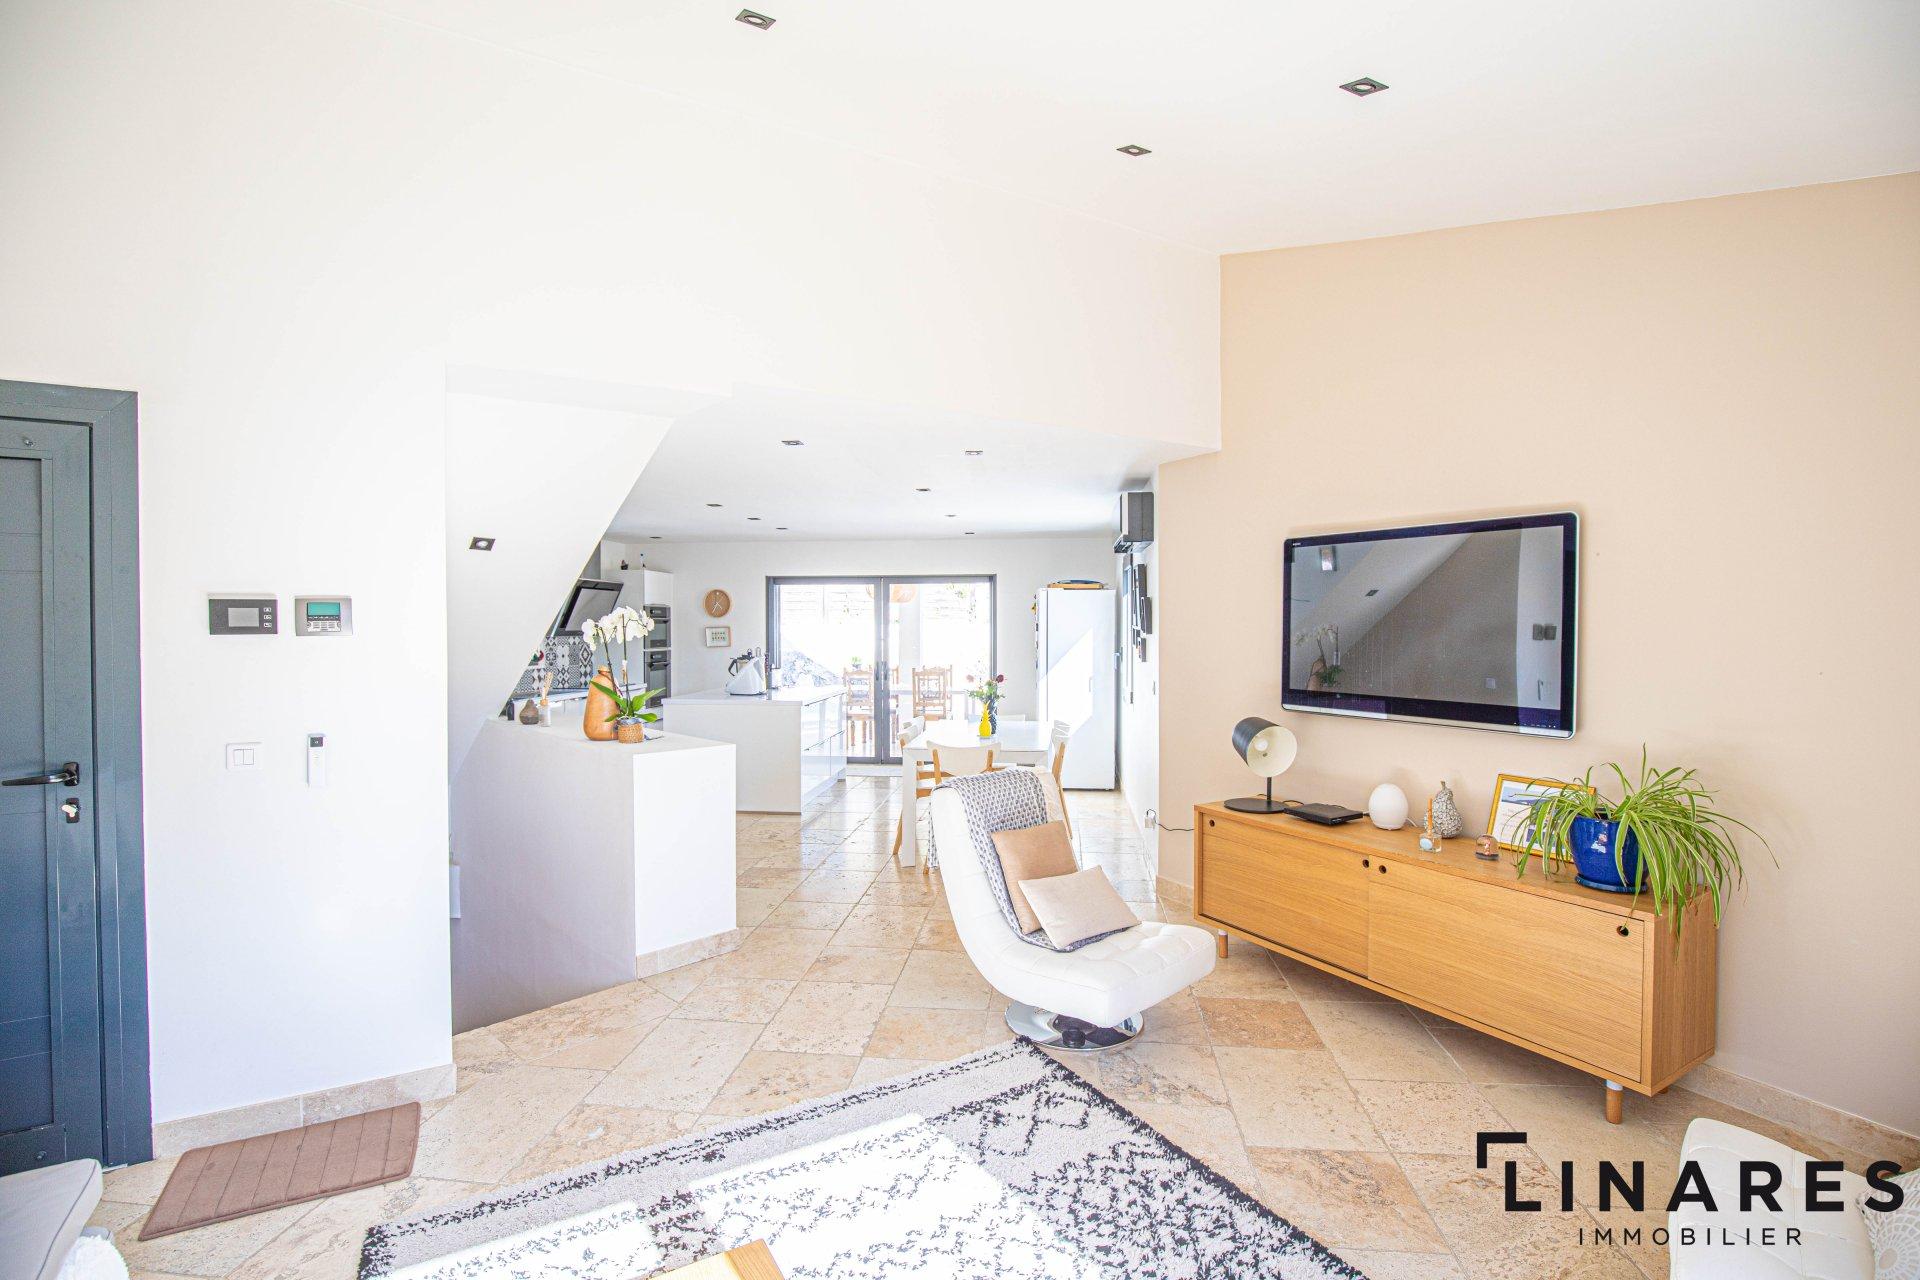 L'ADORABLE - Villa T4 de 140m2 (73+47+20) Terrain 271m2 Piscine